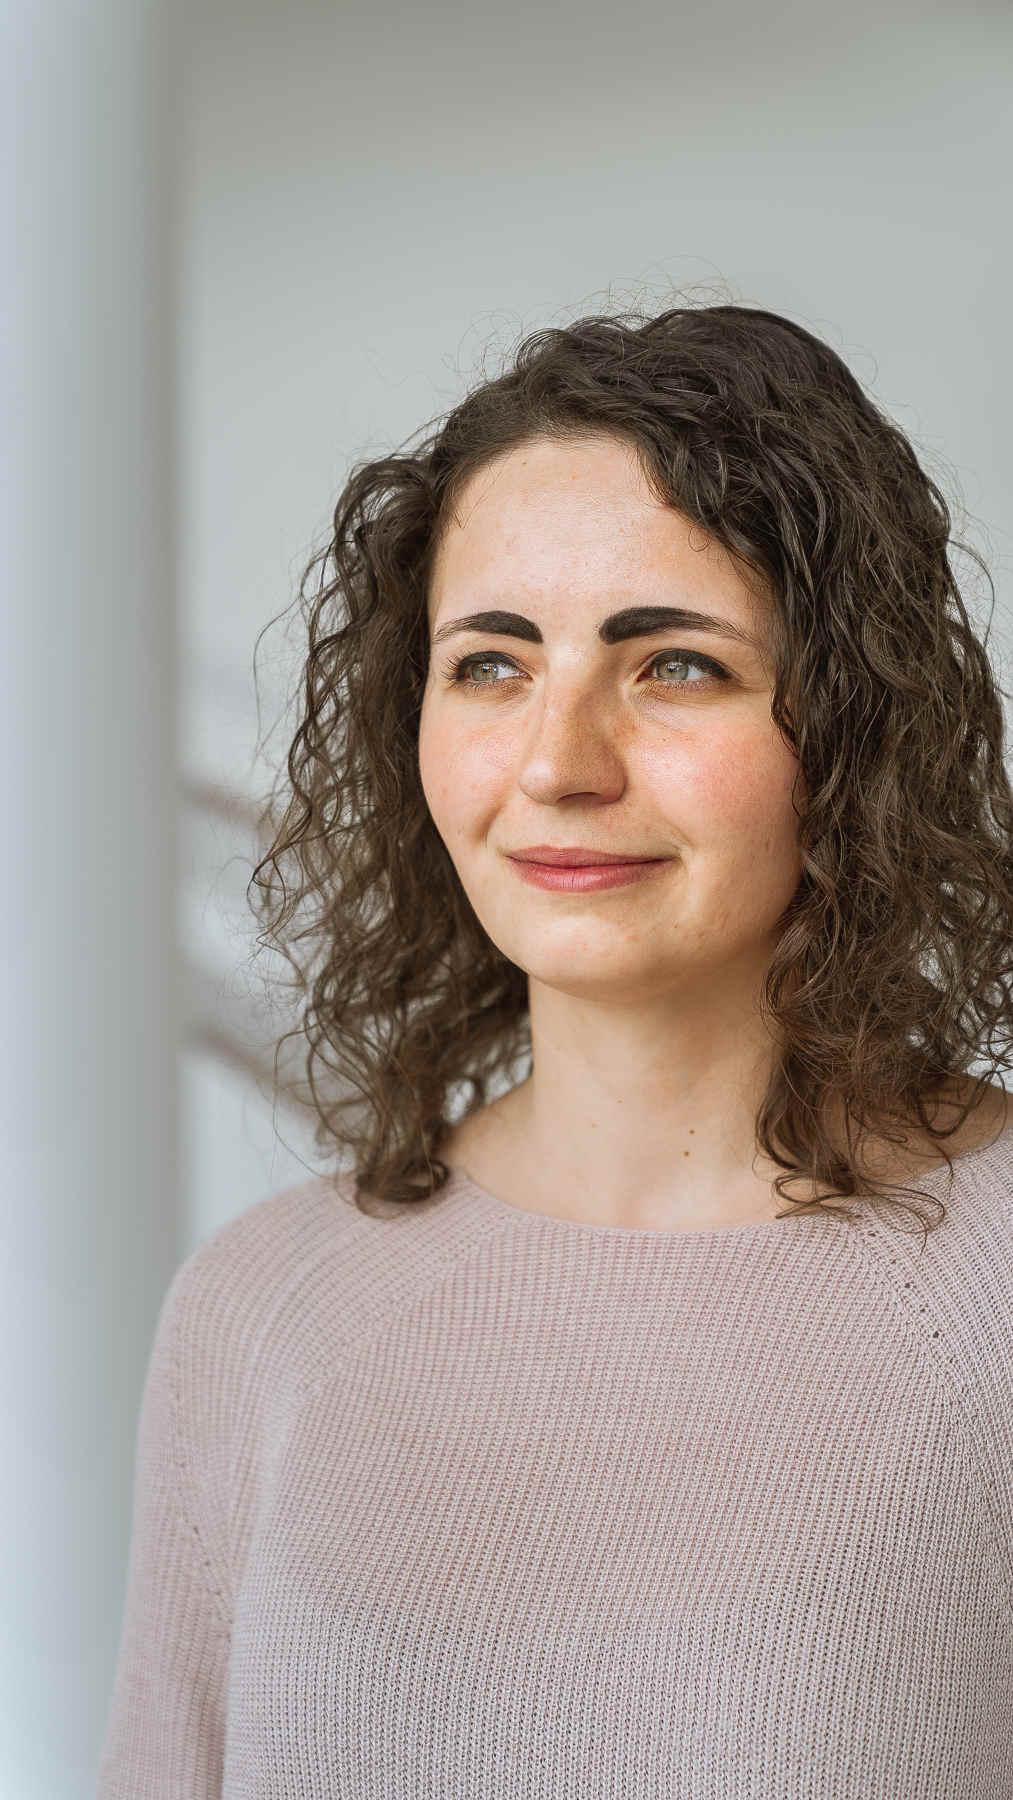 Porträtfoto von Patricia Haremski, Ingenieurin im Bereich Brennstoffzelle.